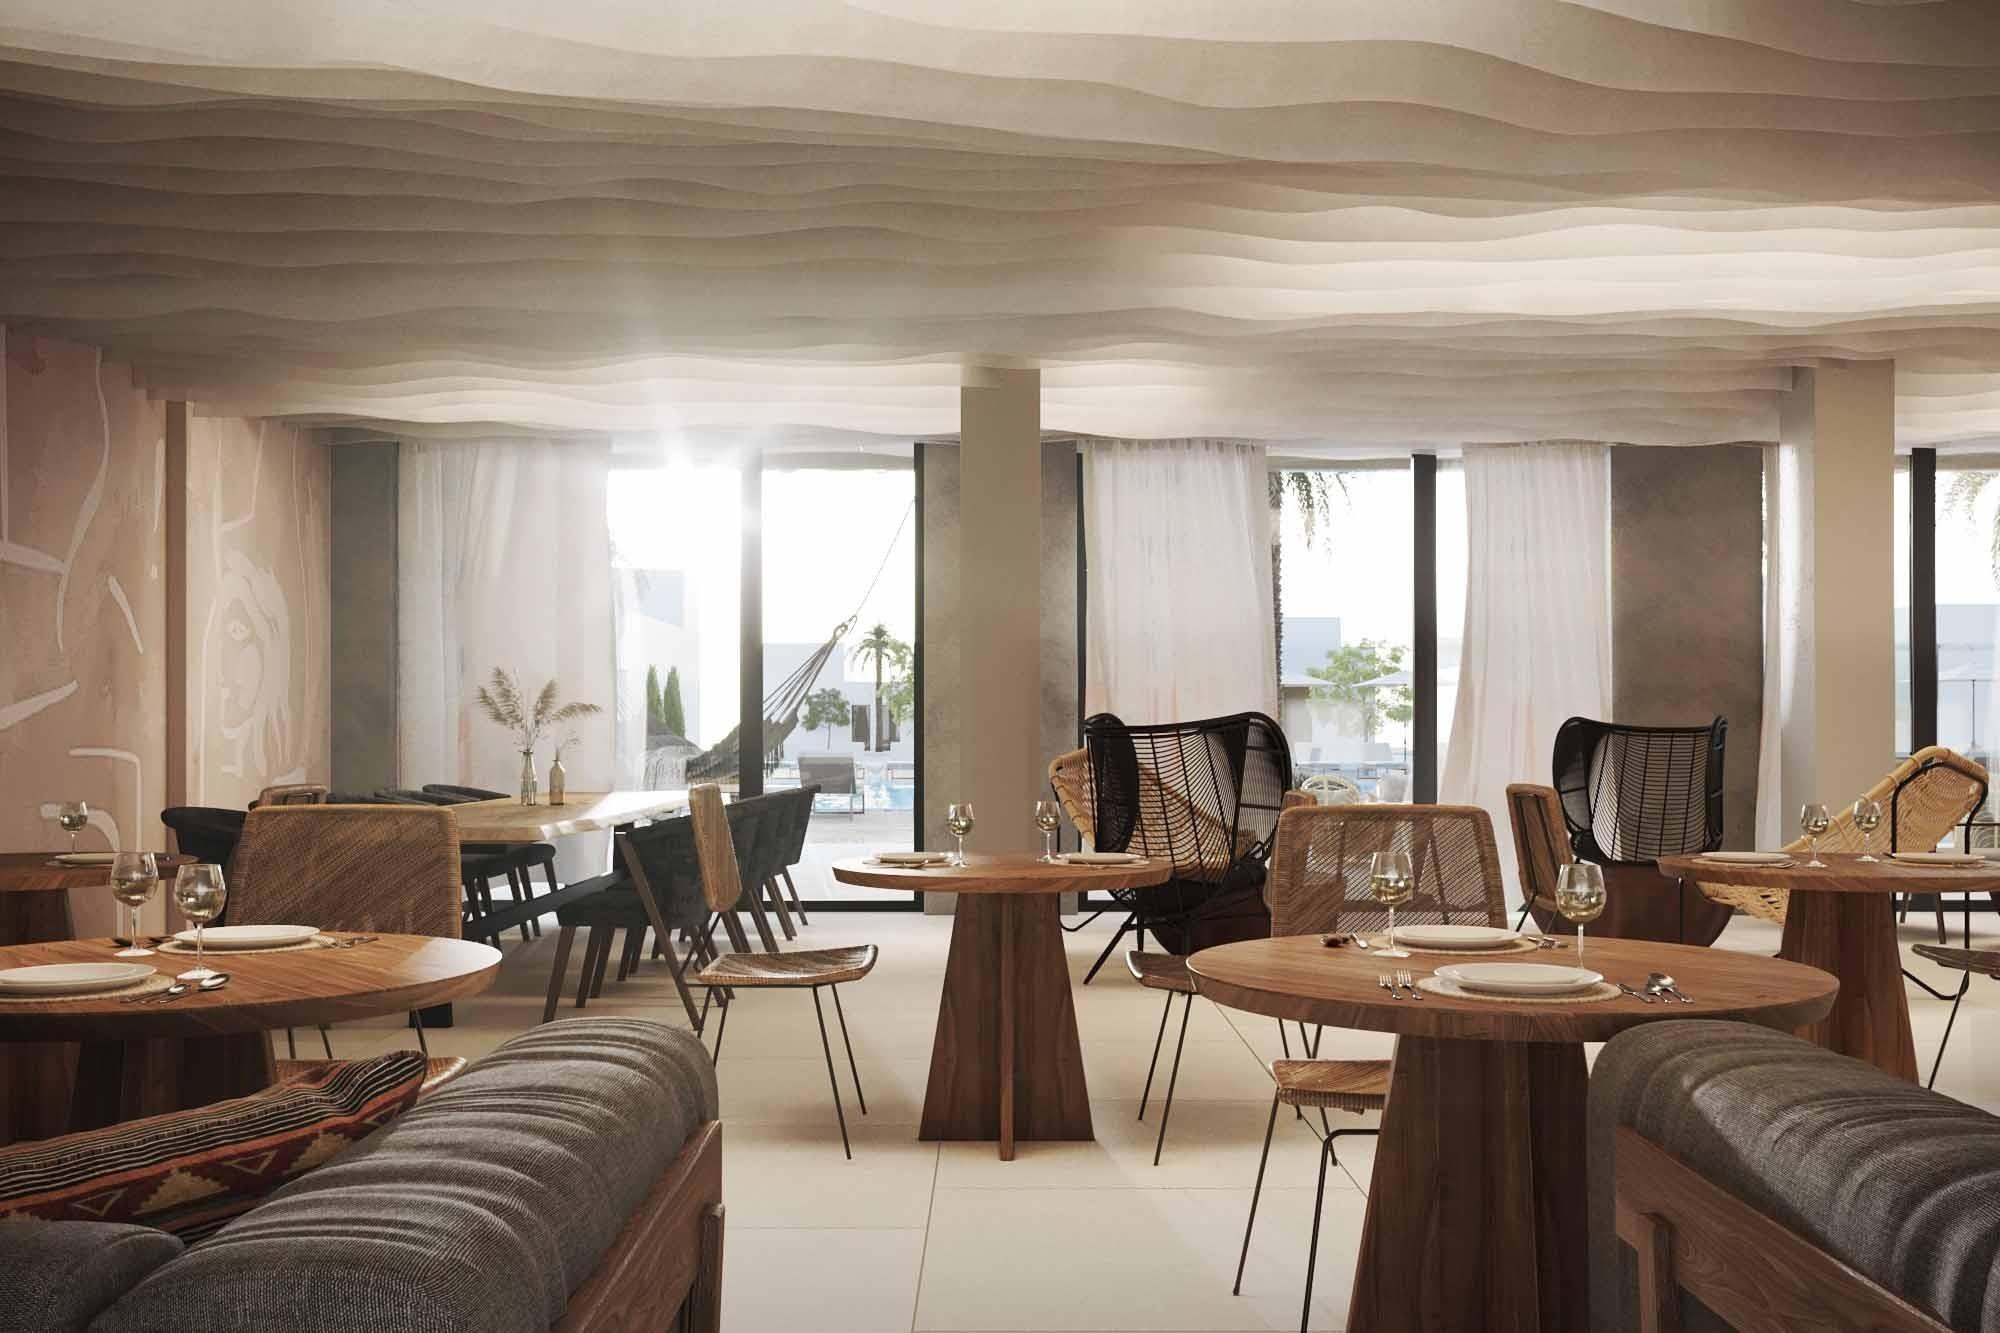 Arquitectura Poderosa: GCA un estudio que crea ambientes exclusivos y lujuosos